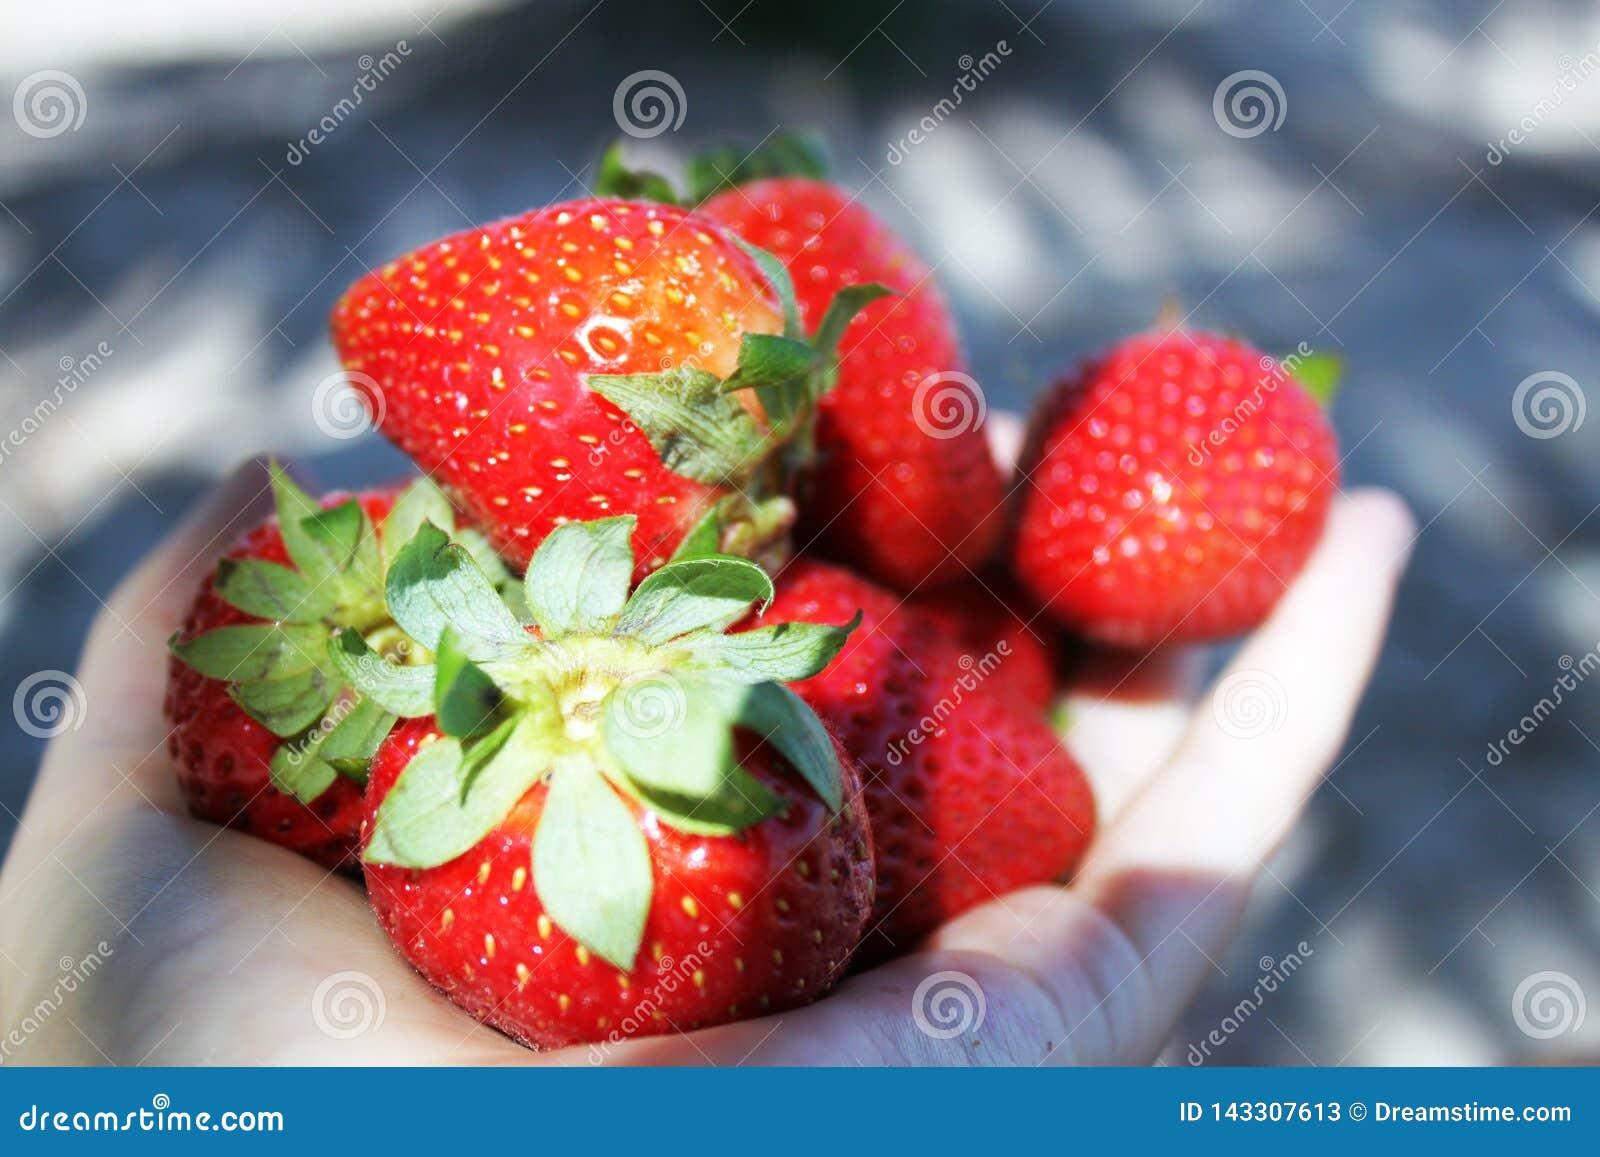 Manos llenas de fresas jugosas